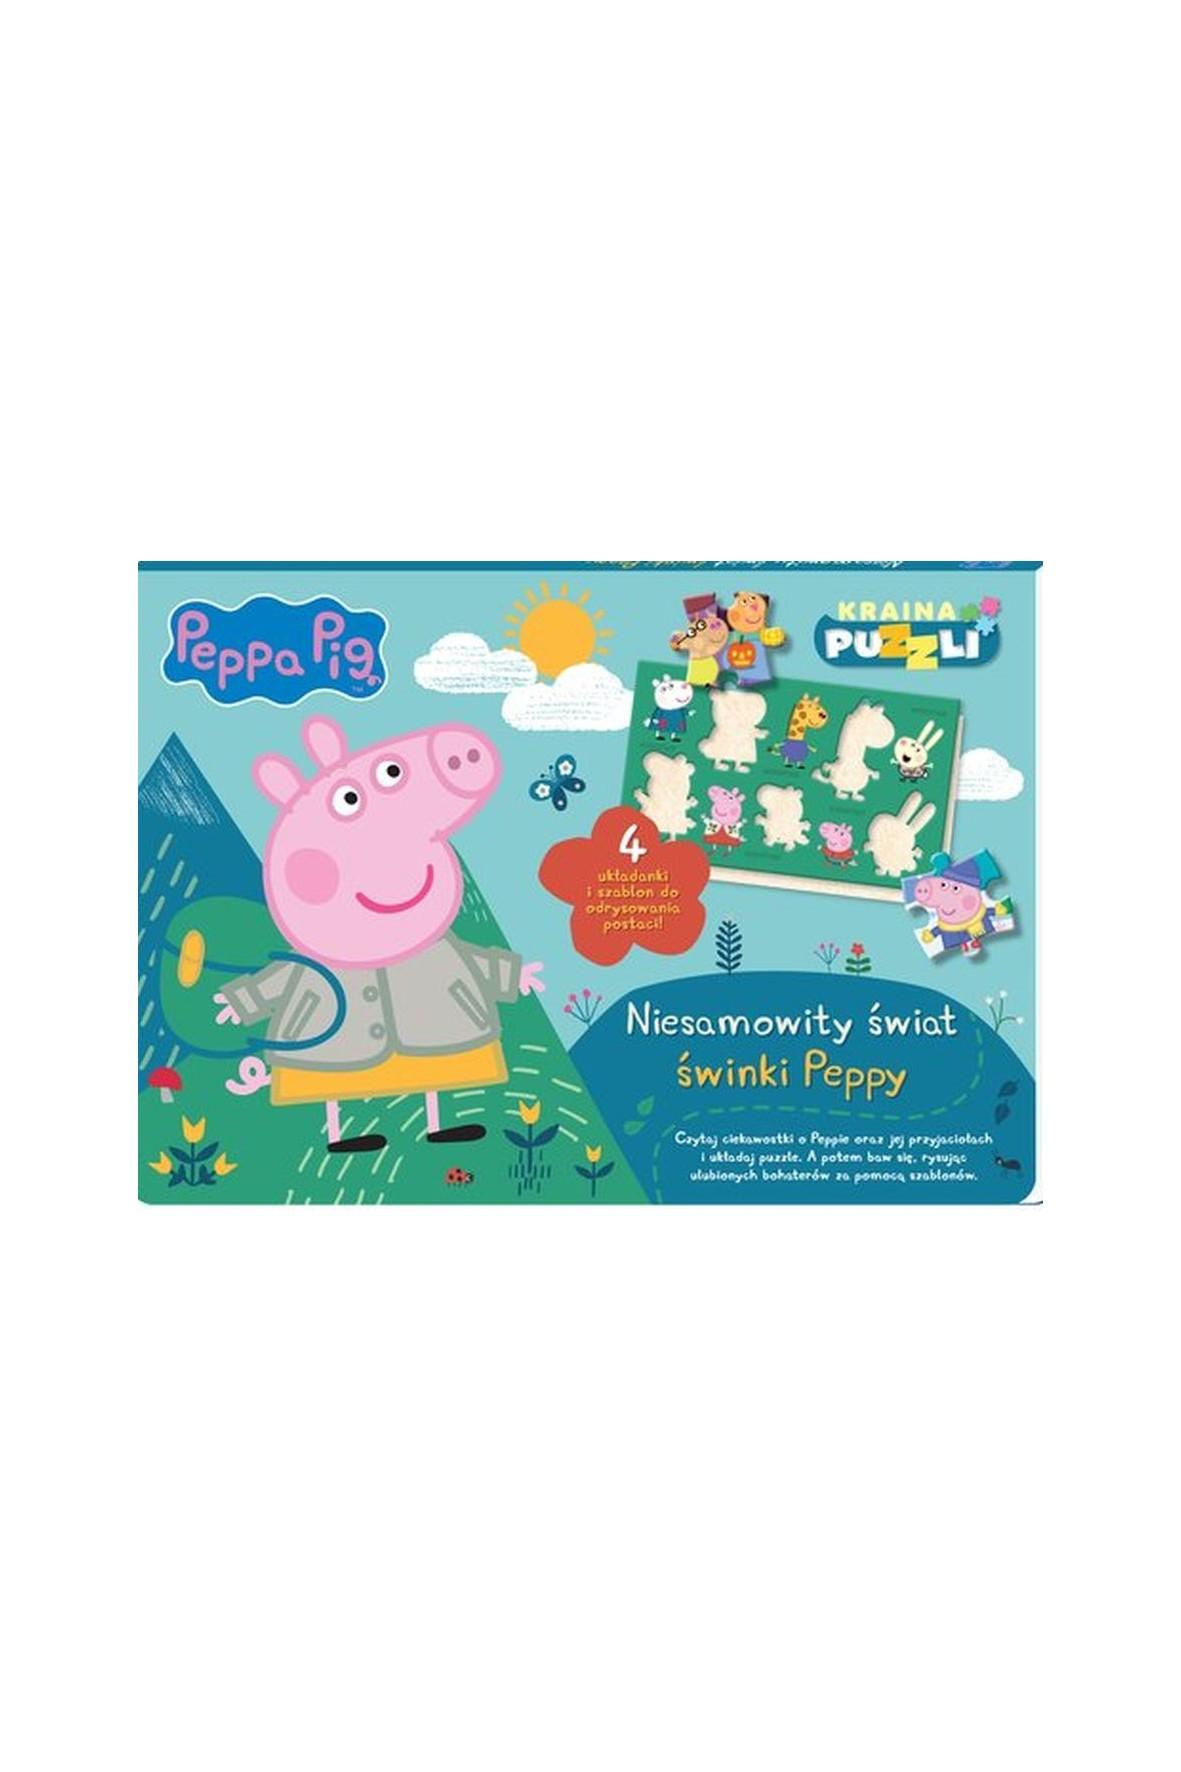 Książeczka Świnka Pepa. Kraina puzzli. Niesamowity świat świnki Peppy.